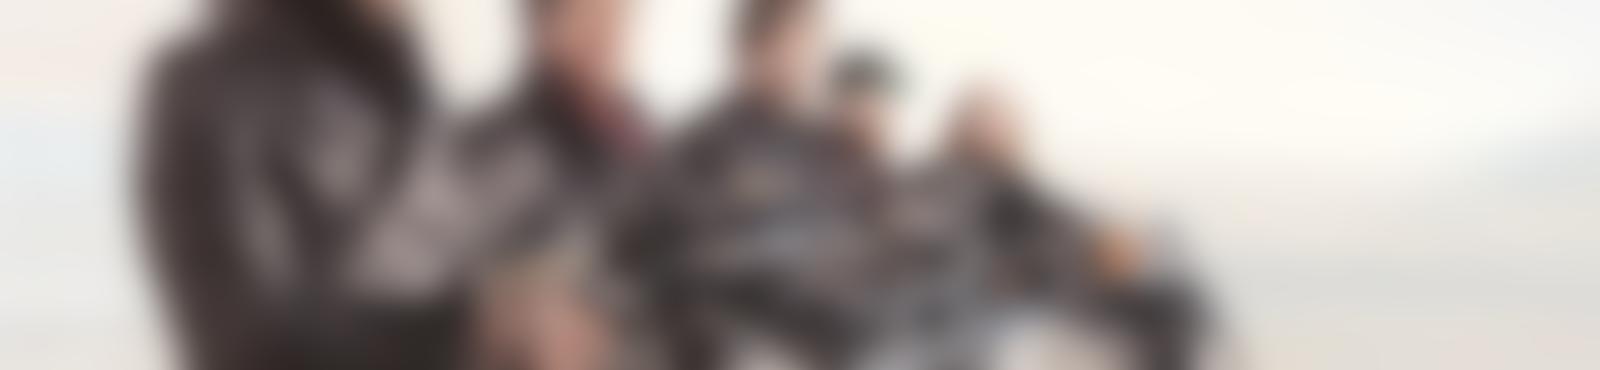 Blurred 01997476 9e1c 4900 a9c6 f812b3e1685b